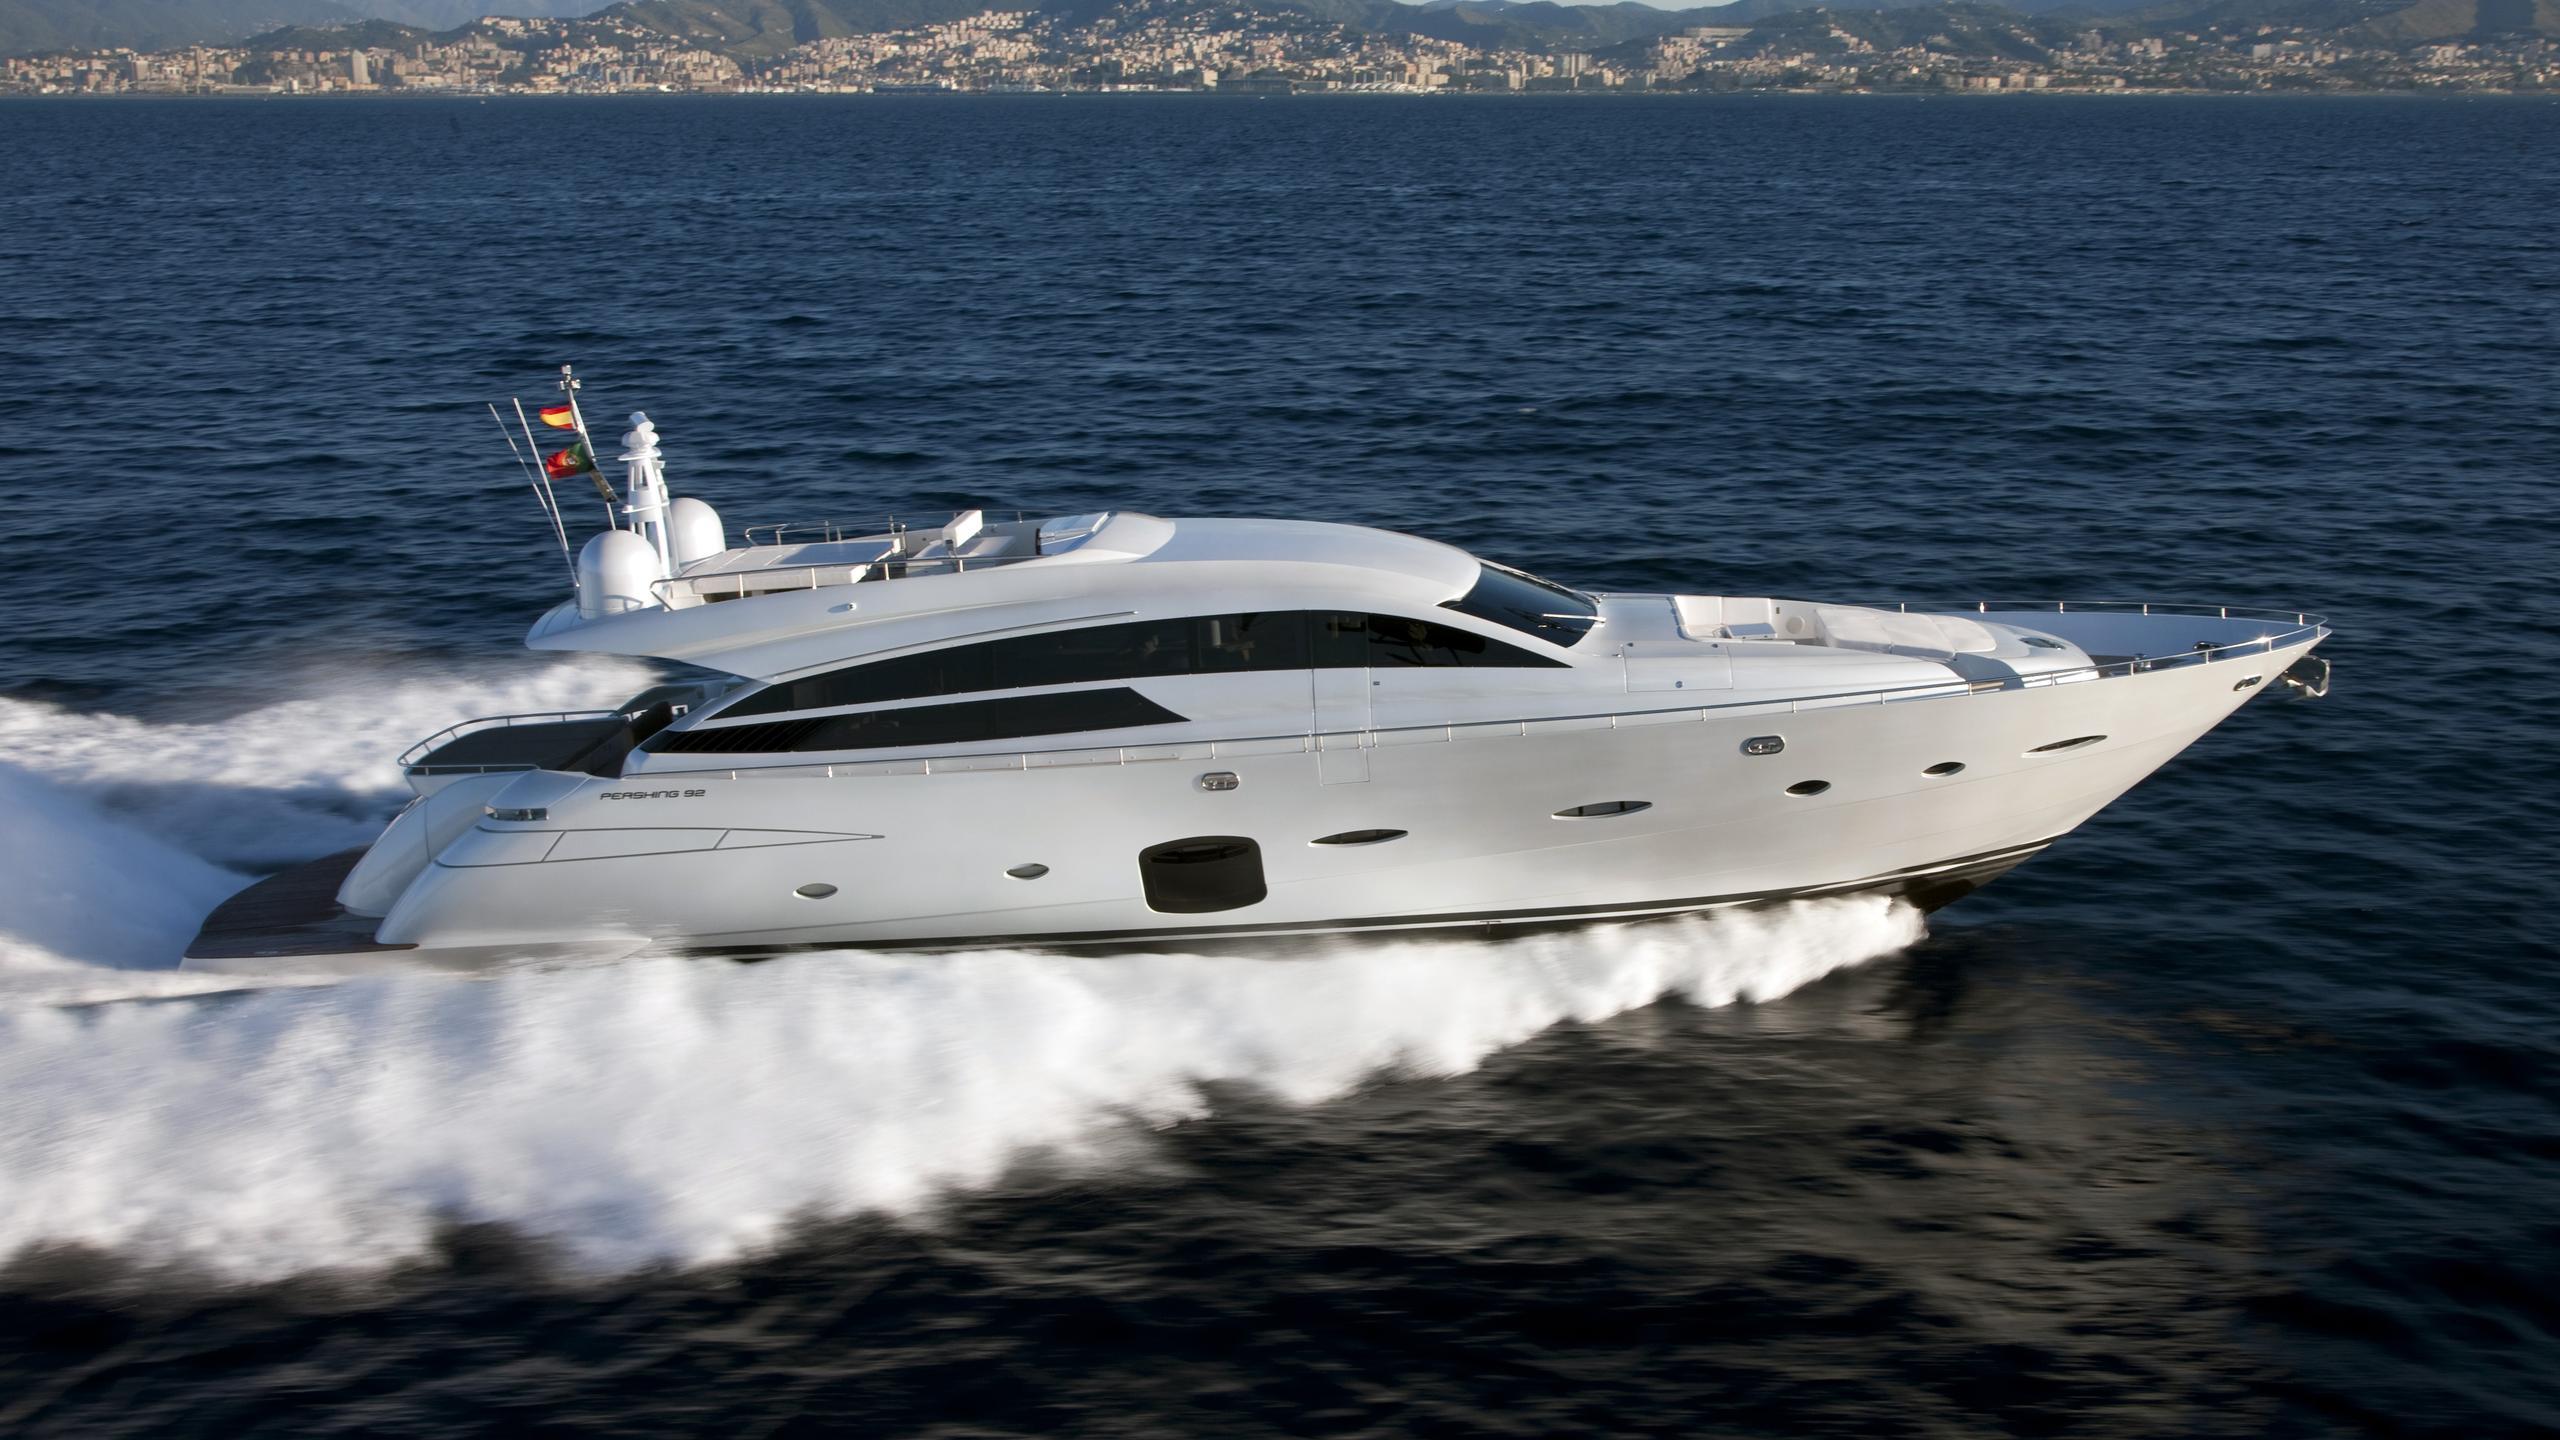 pershing-92-06-motor-yacht-2012-28m-cruising